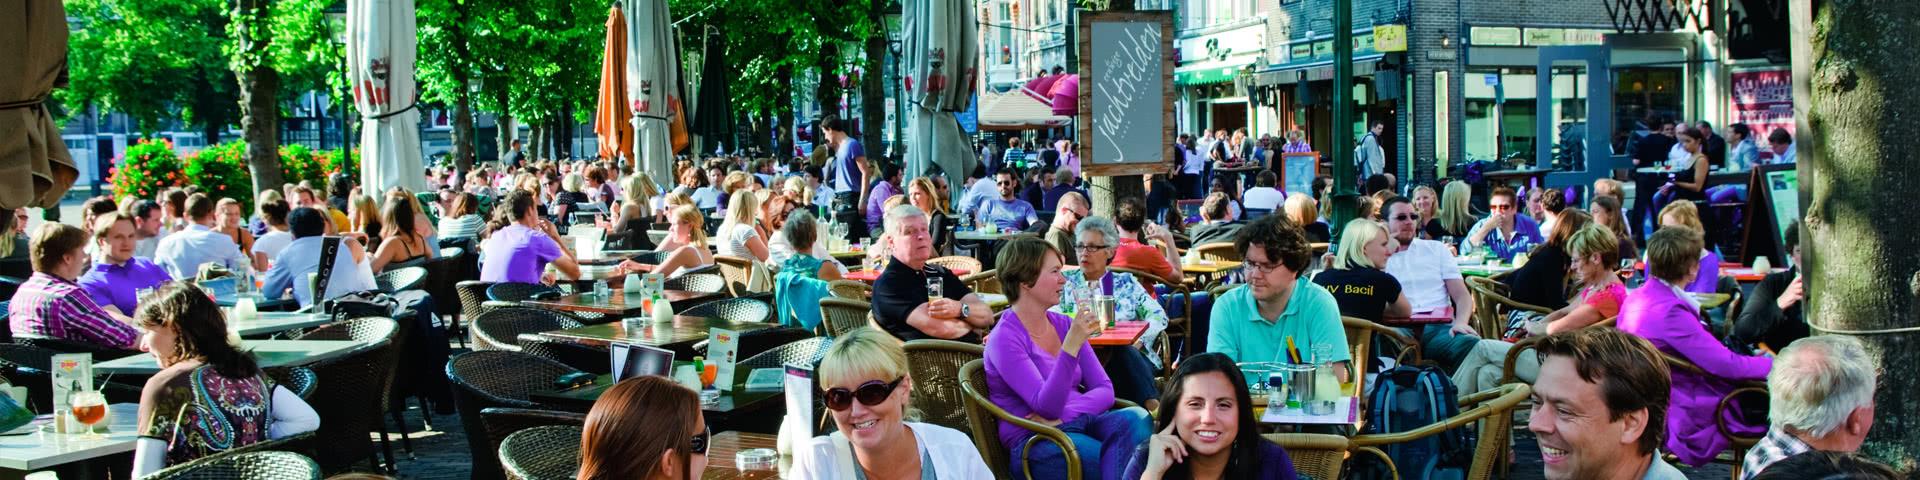 Volle Terasse eines Lokals in Den Haag